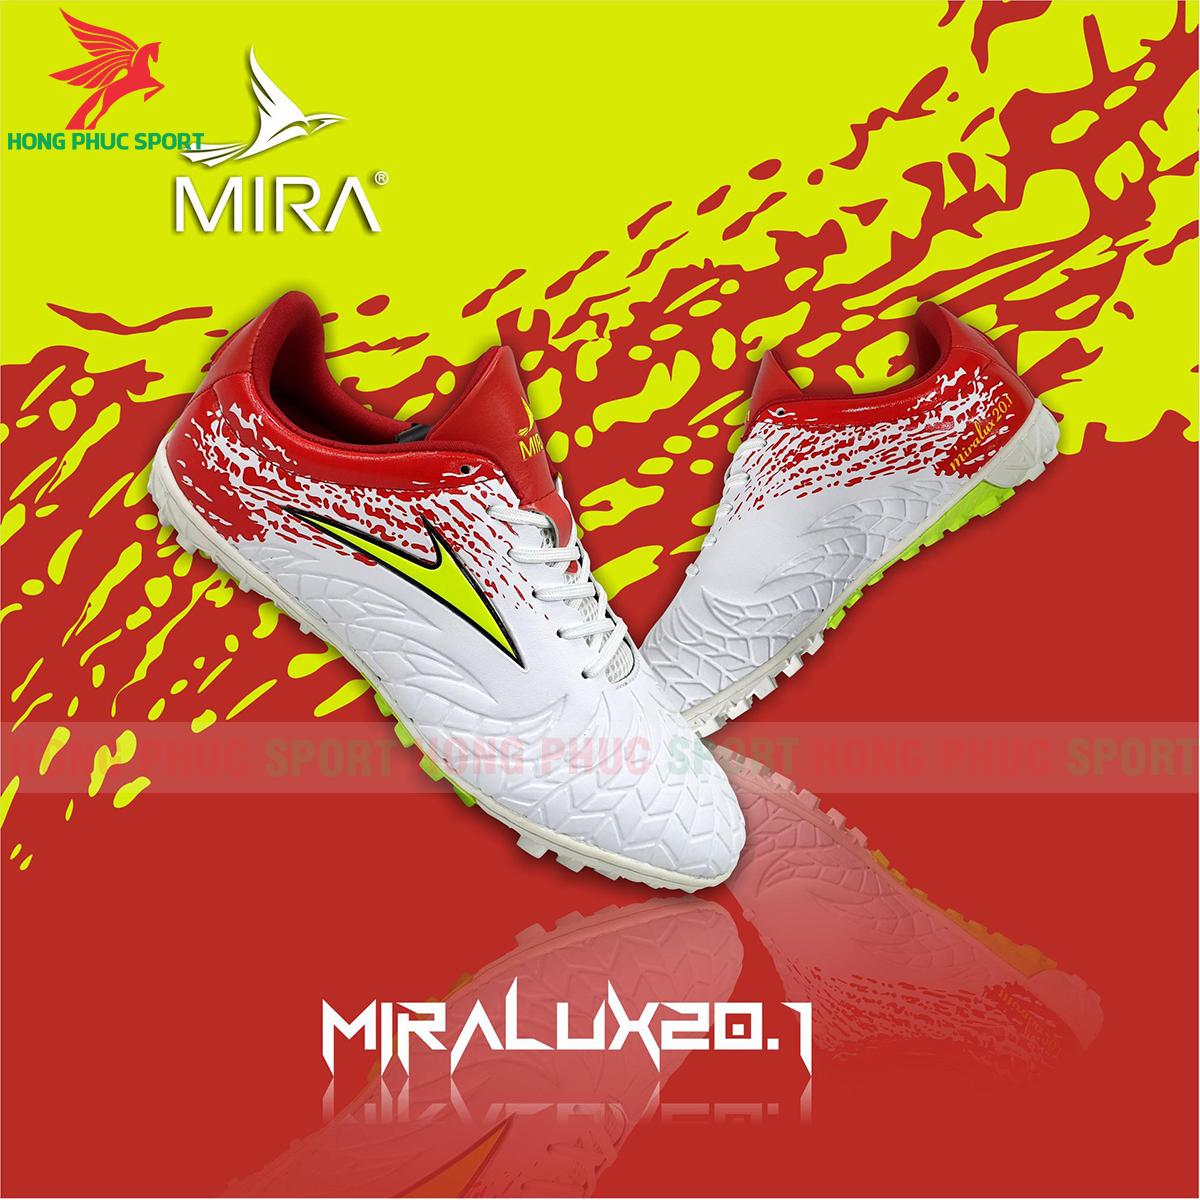 Giày Mira Lux 20.1 sân cỏ nhân tạo màu trắng phối đỏ